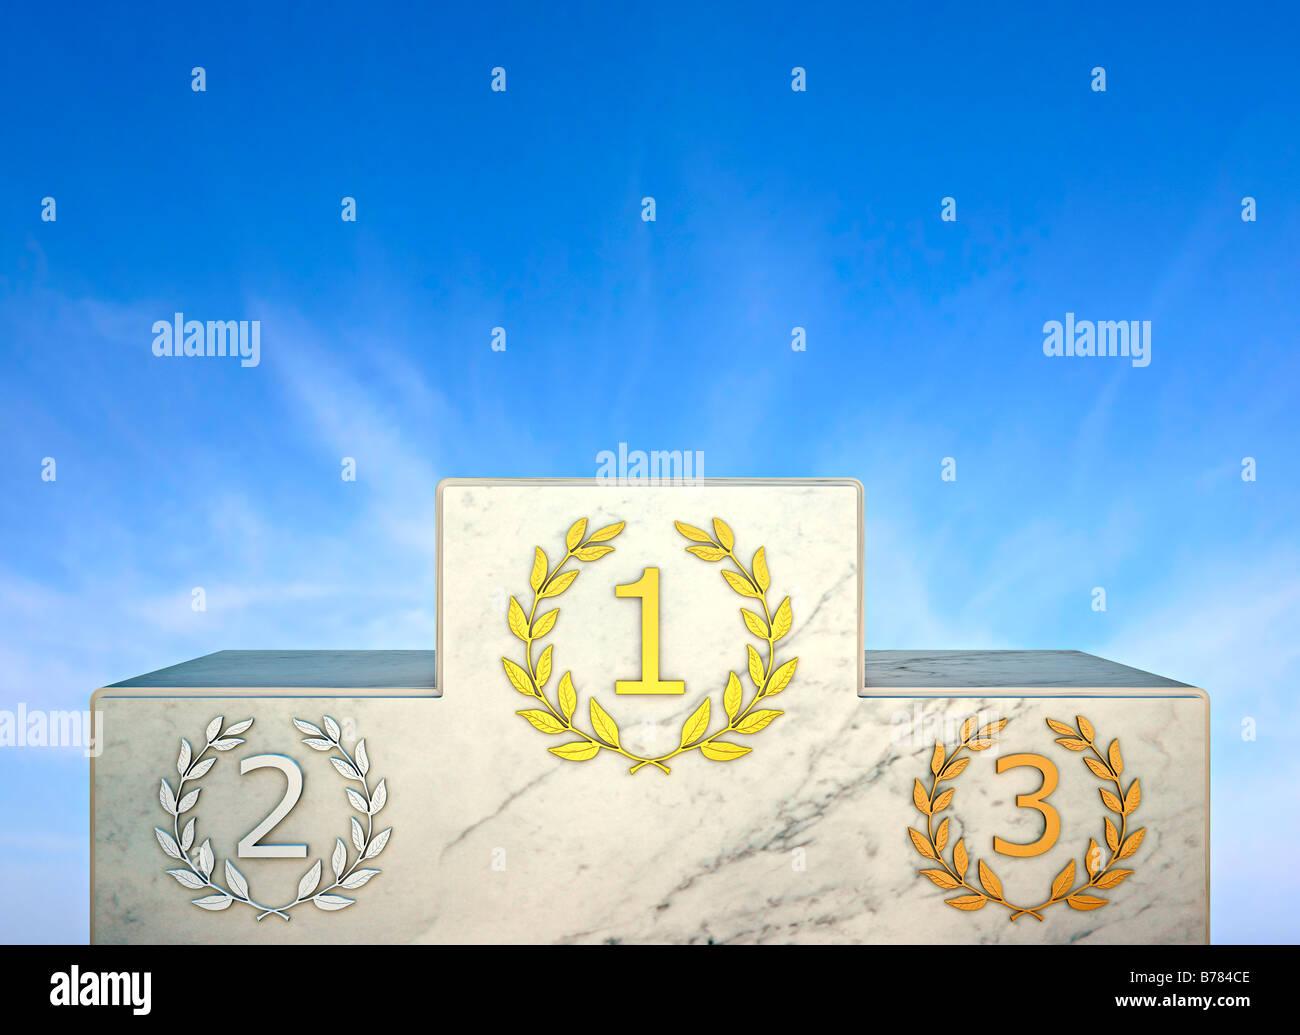 Tribüne, Siegerpodest, Vergleich, Wettbewerb, Wettbewerb, Auszeichnung, Gewinn, Champion, Erfolg Stockbild